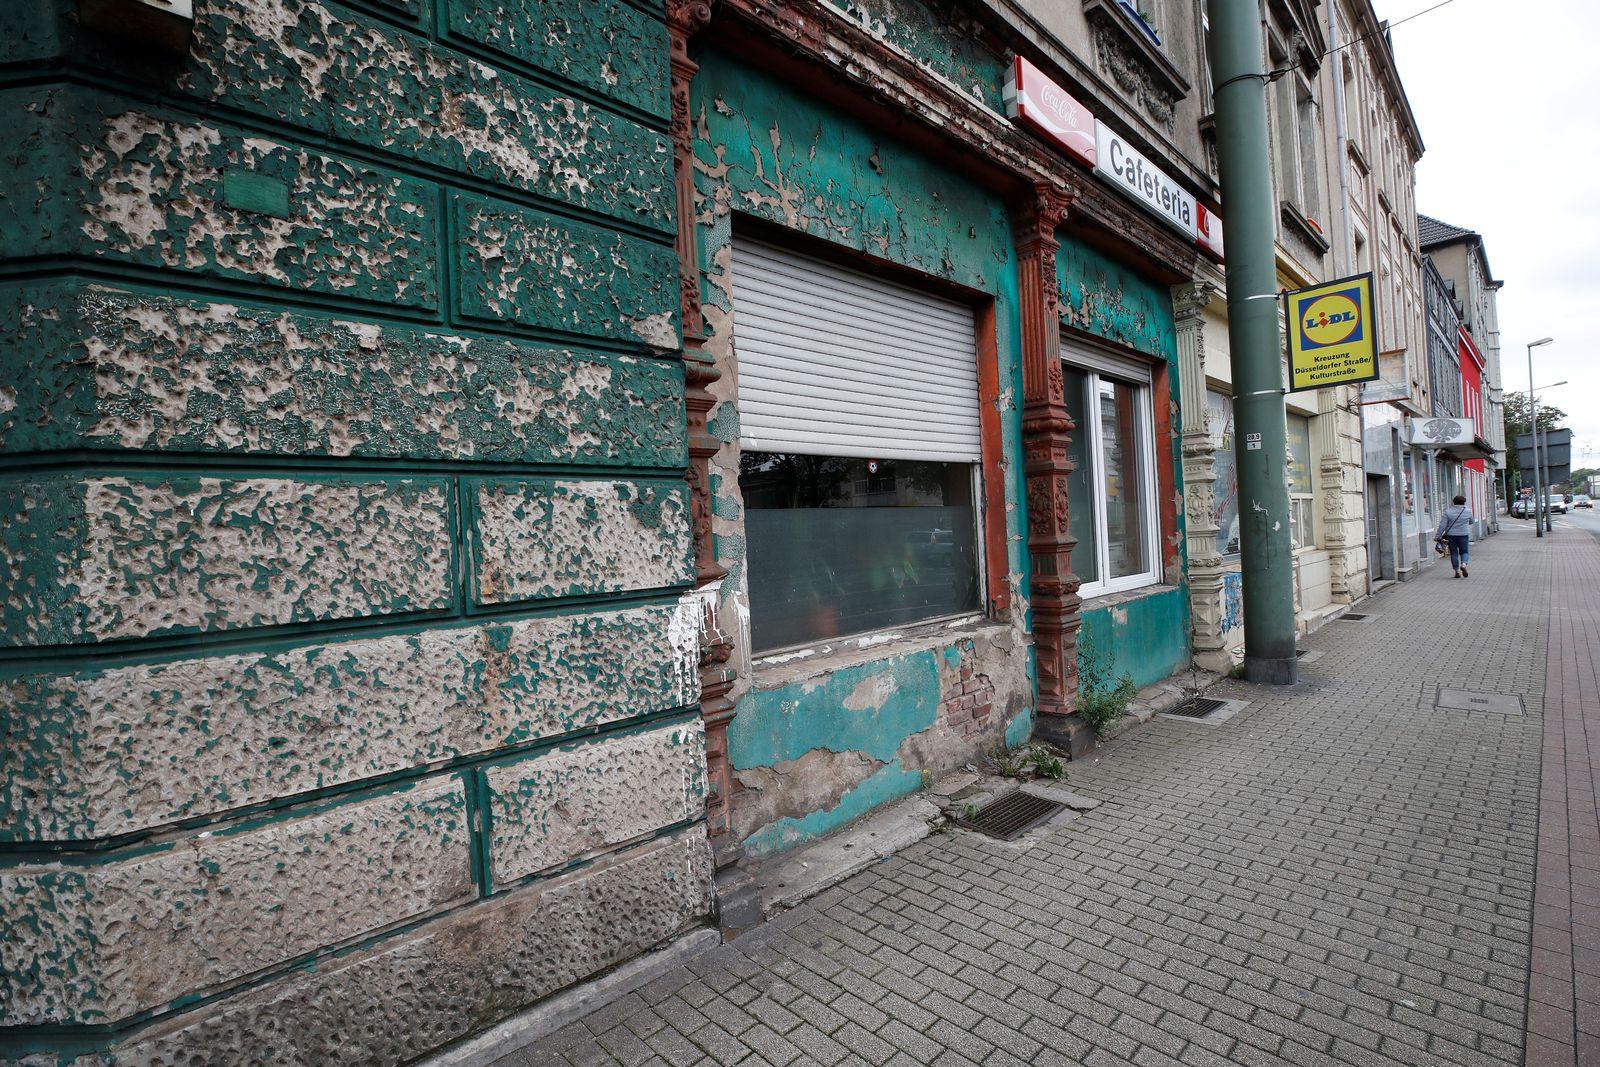 Armut / Verfallen / Marode / Duisburg / Deutschland